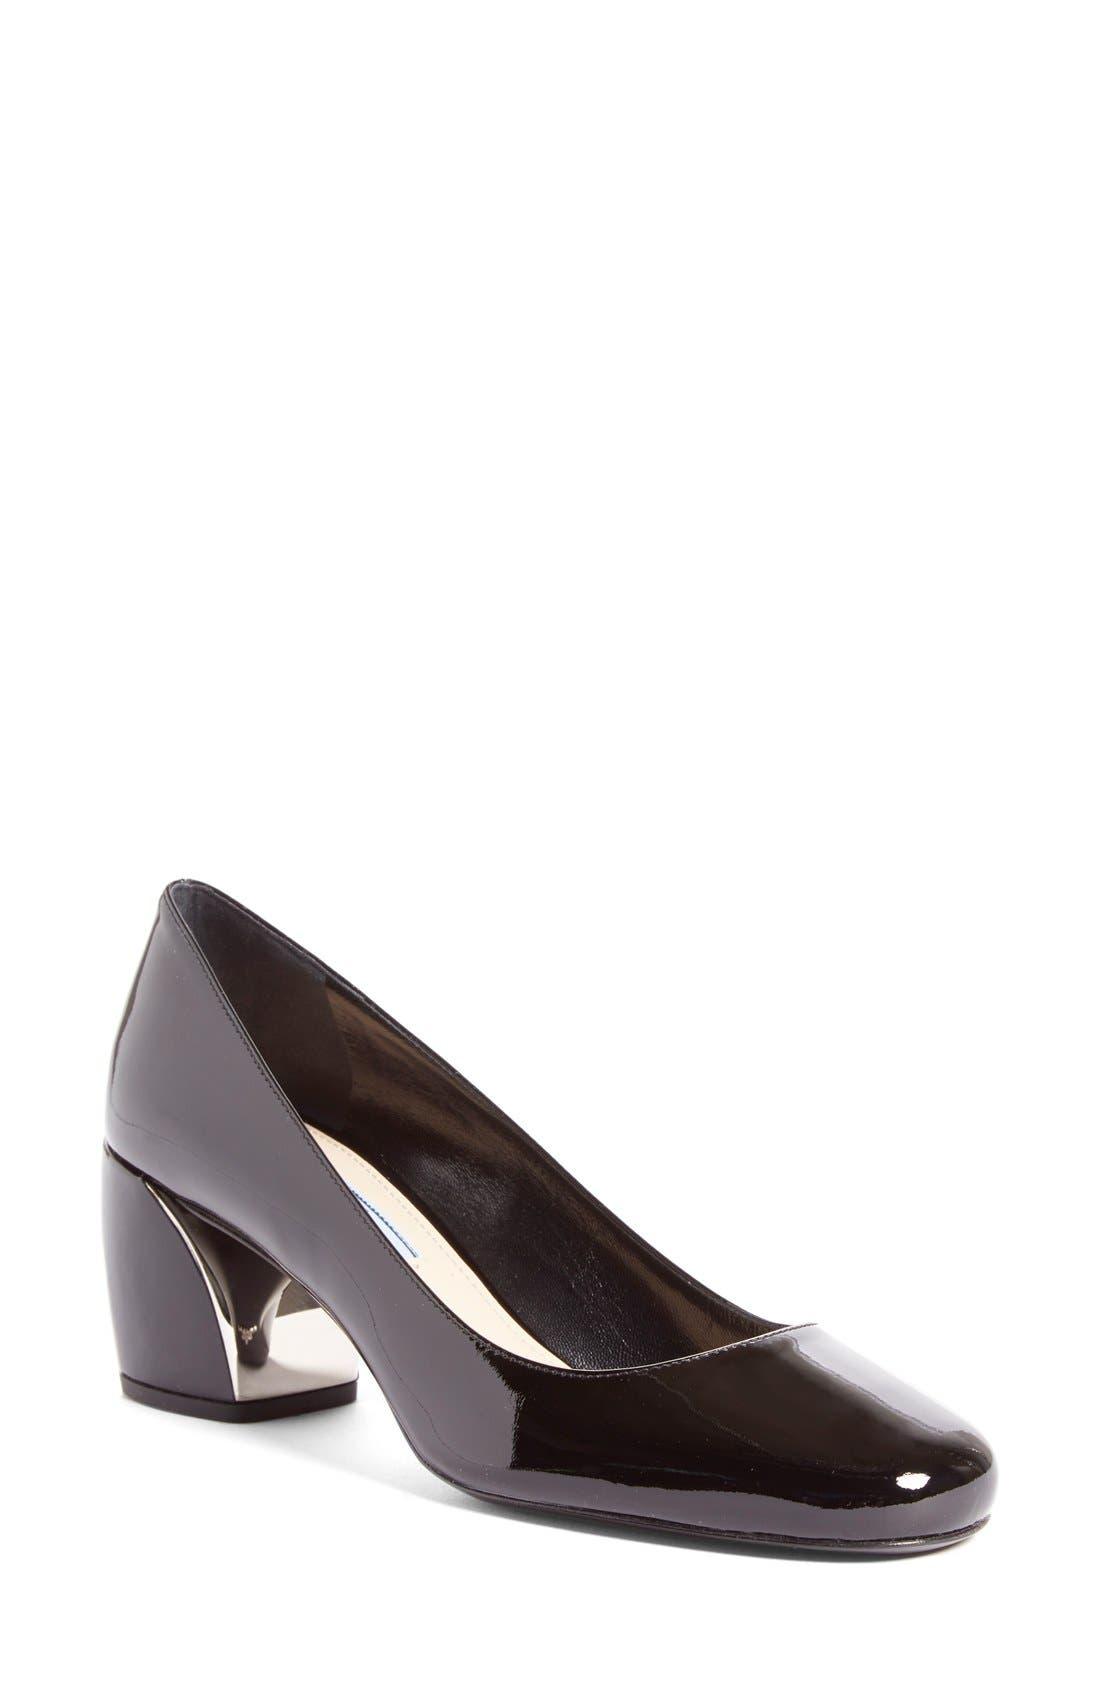 Alternate Image 1 Selected - Prada Block Heel Pump (Women)